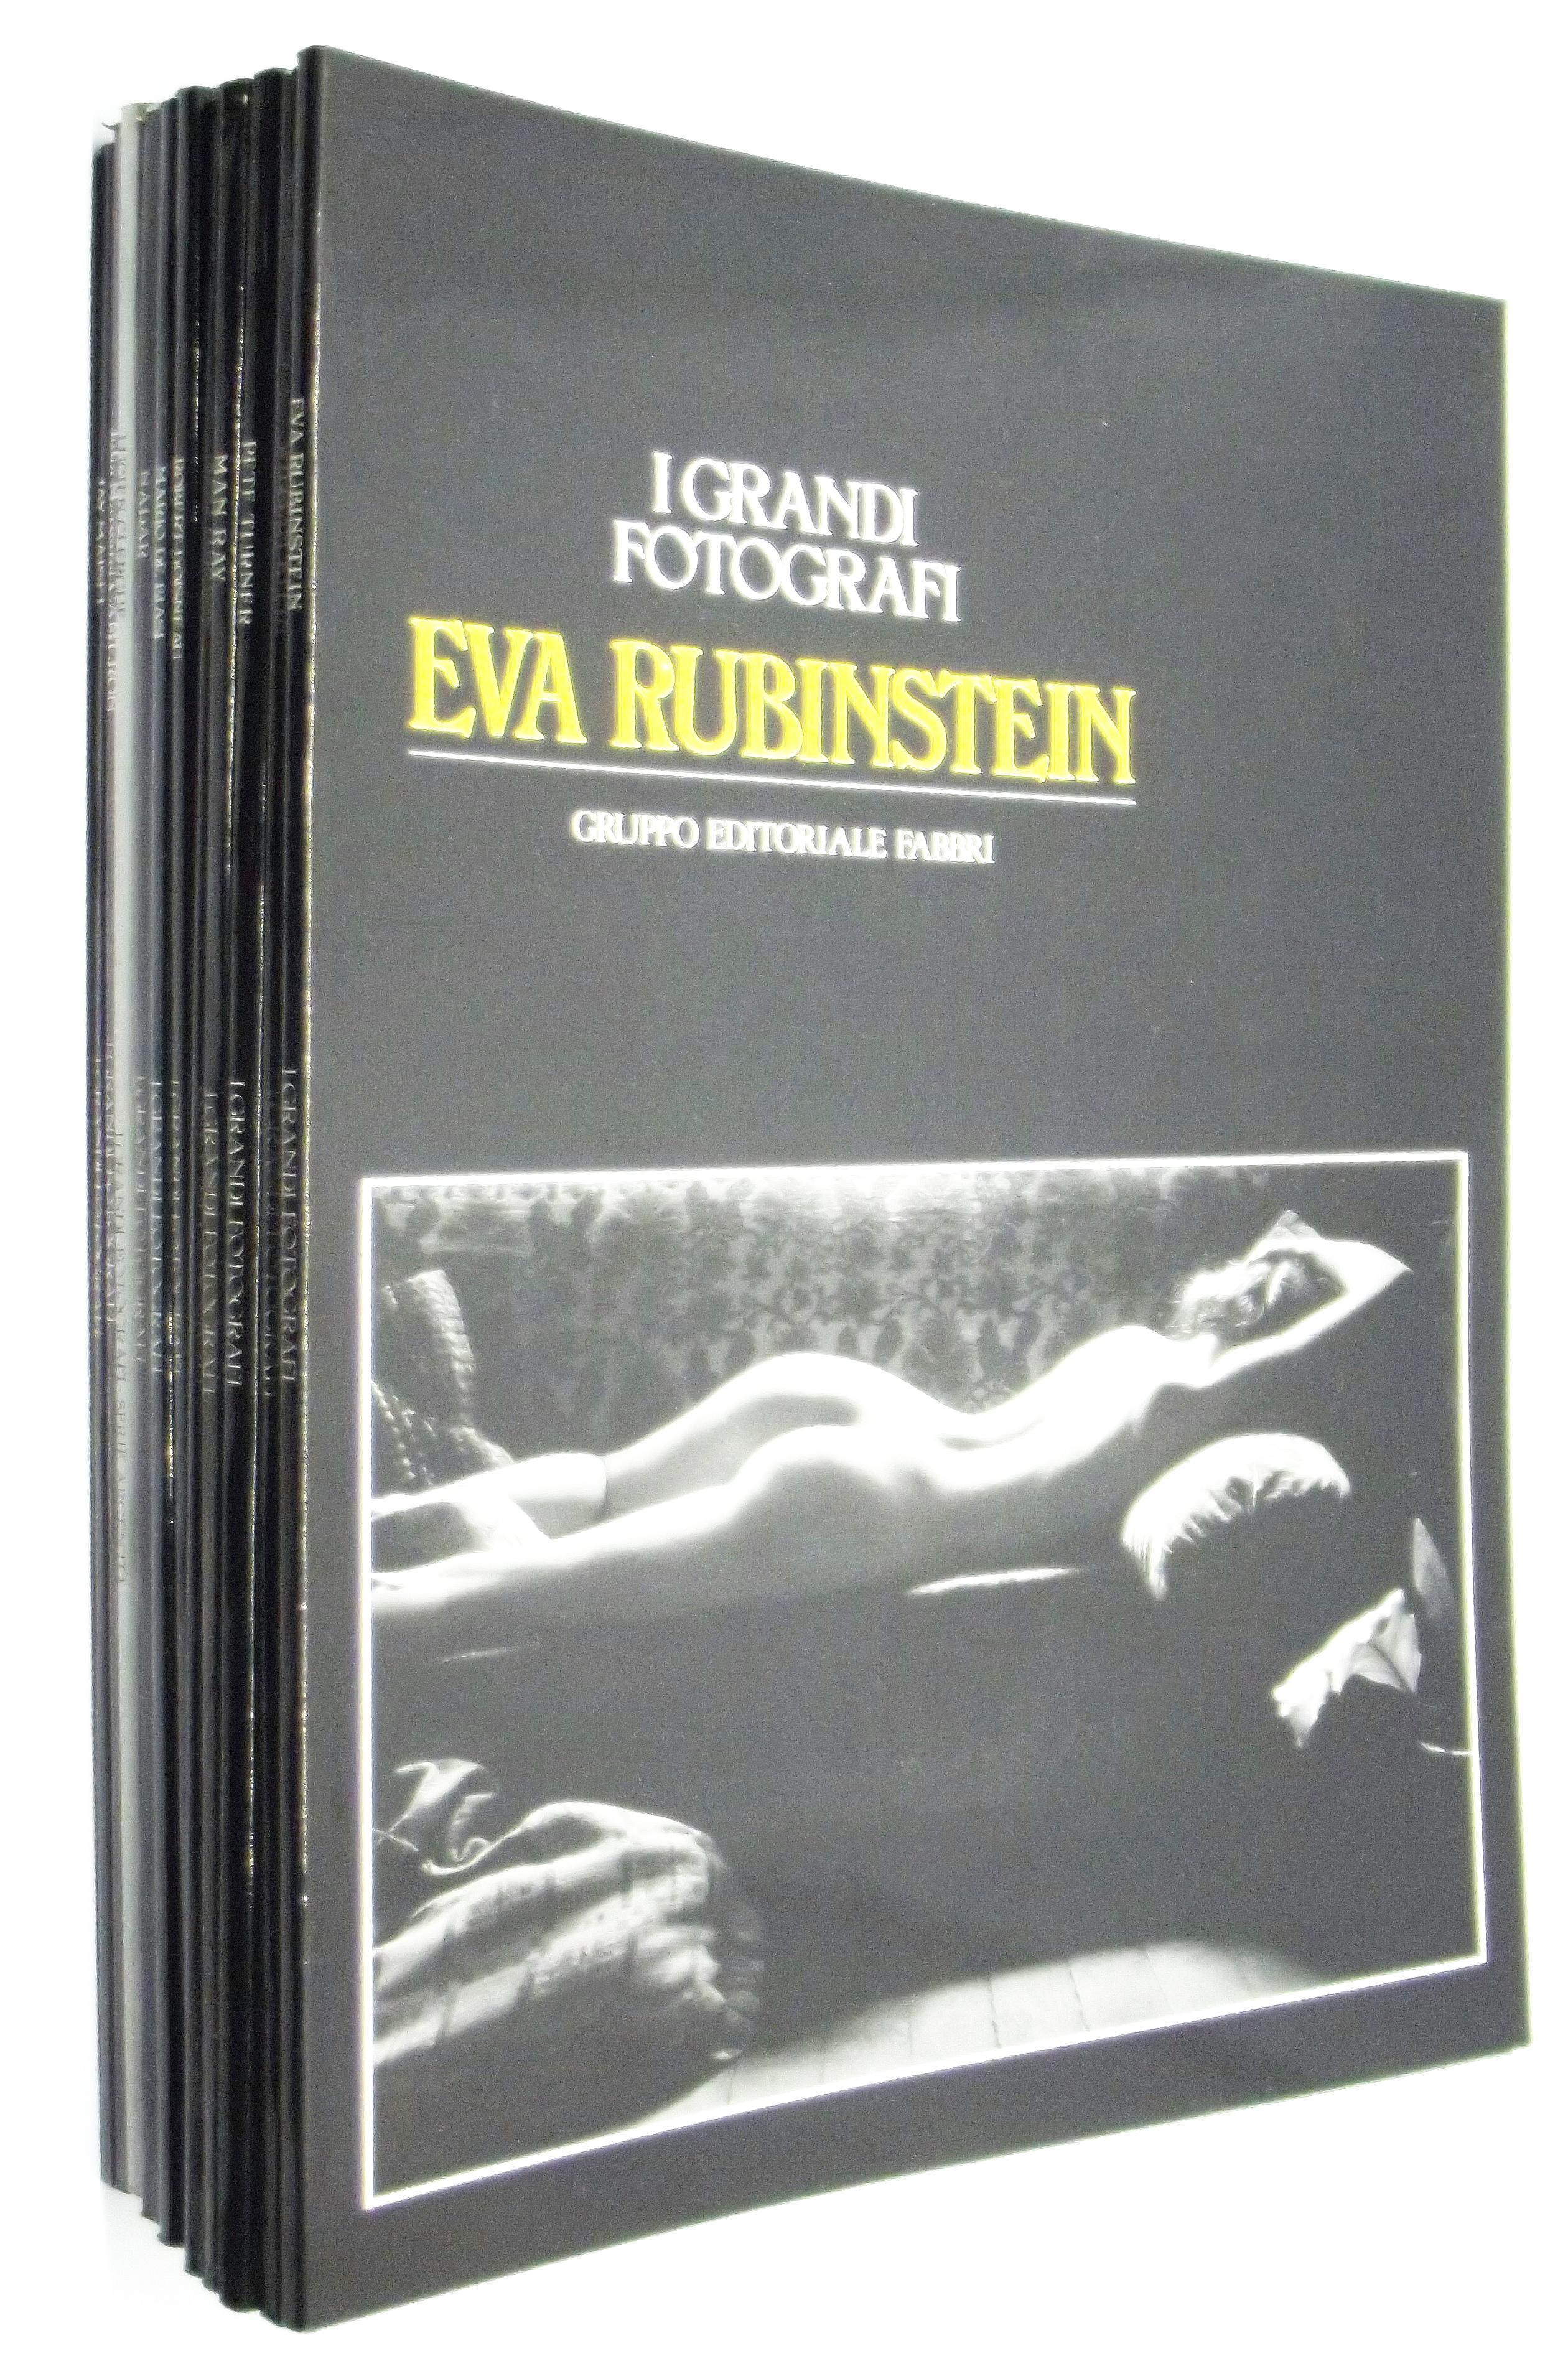 EVA RUBINSTEIN - I GRANDI FOTOGRAFI - FABBRI